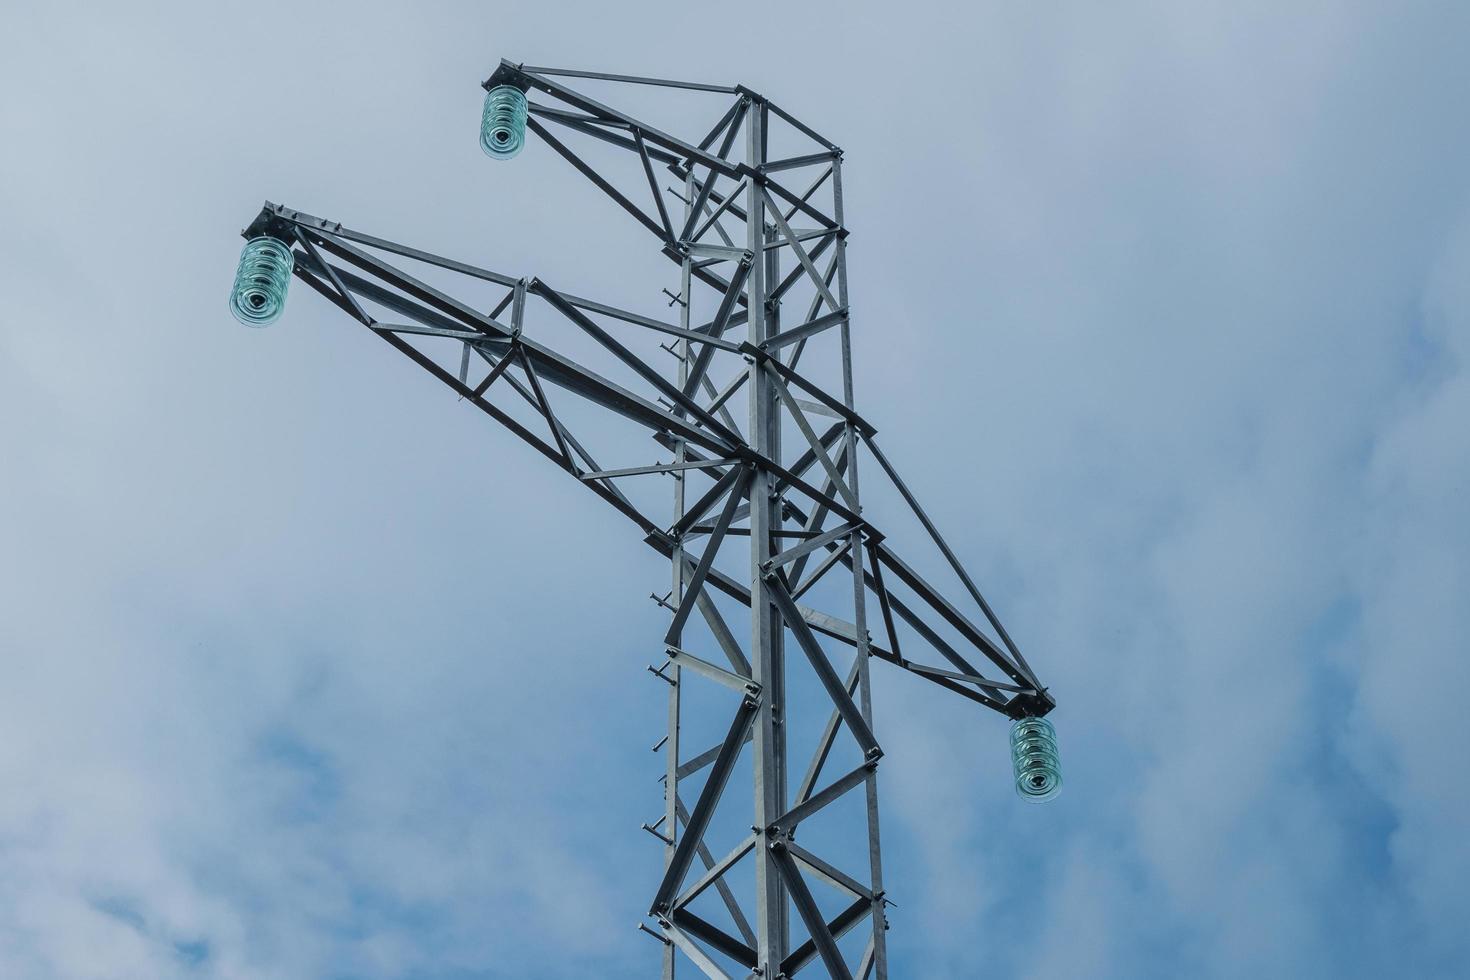 nouveaux pylônes haute tension encore sans fils. photo